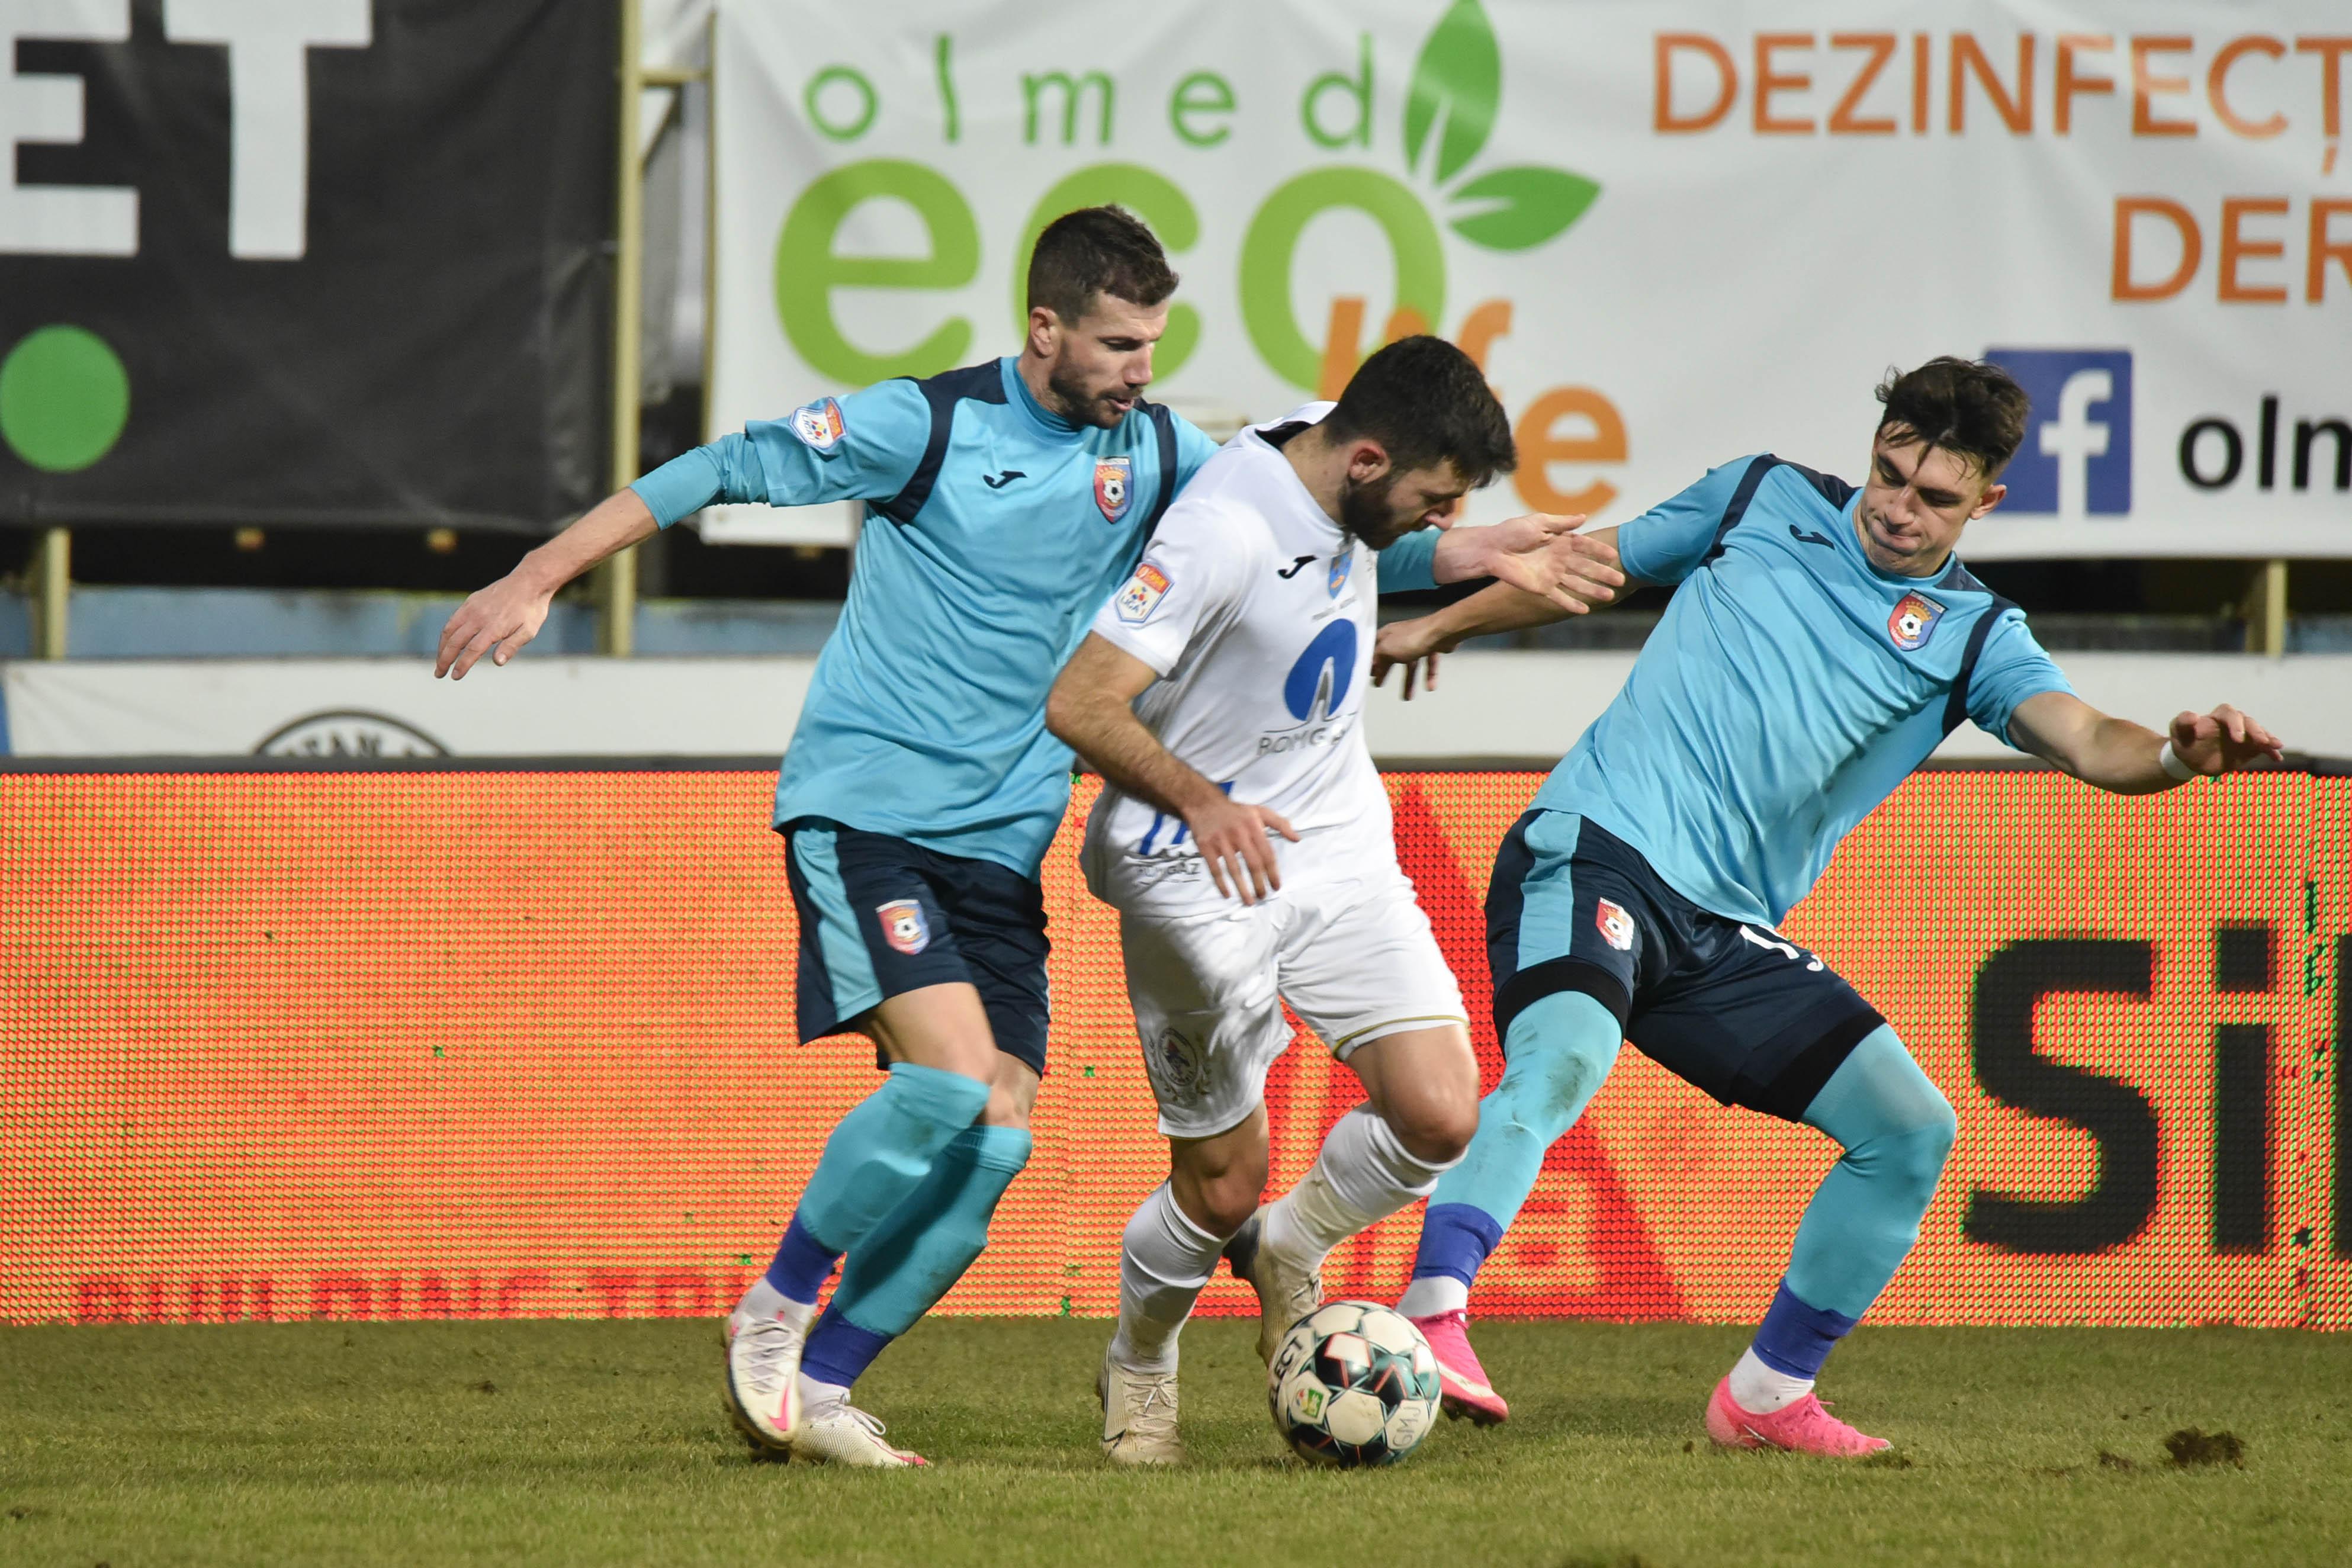 Chindia Târgoviște – Gaz Metan Mediaș, LIVE VIDEO, ora 19:00, pe Digi Sport 1. Gazdele vor să rămână neînvinse în play-out. ECHIPELE